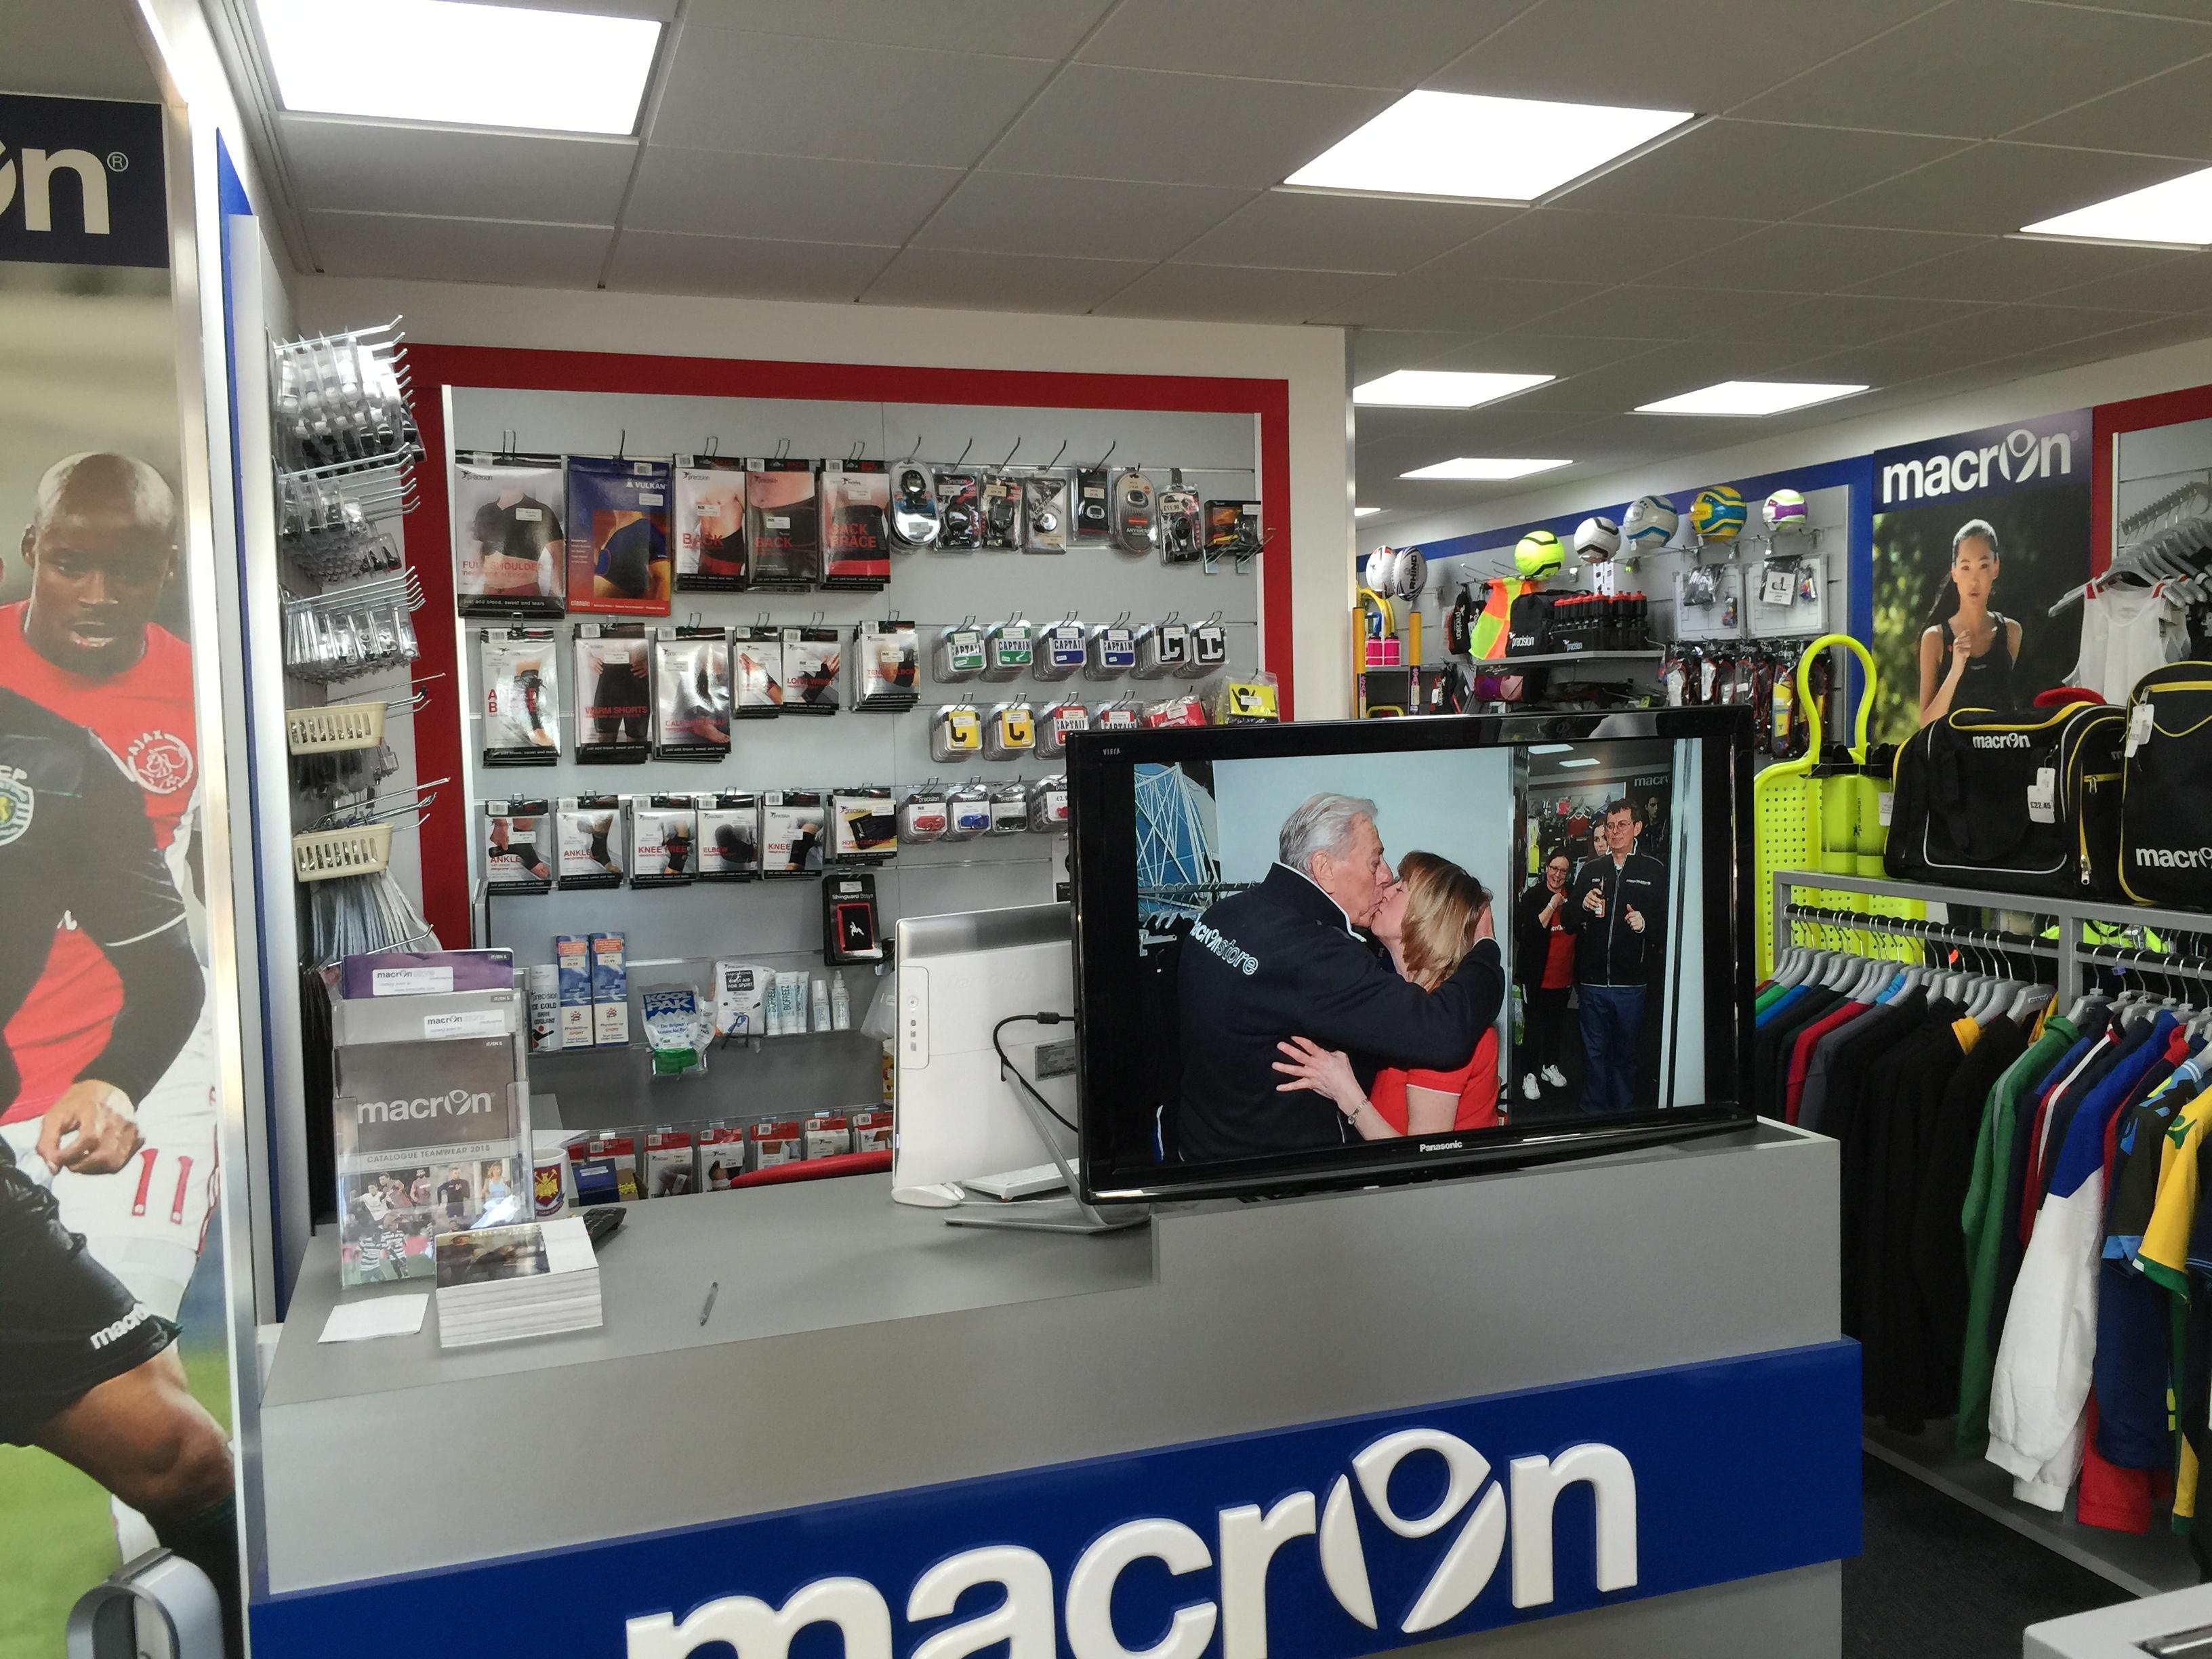 MacronStore Hertfordshire